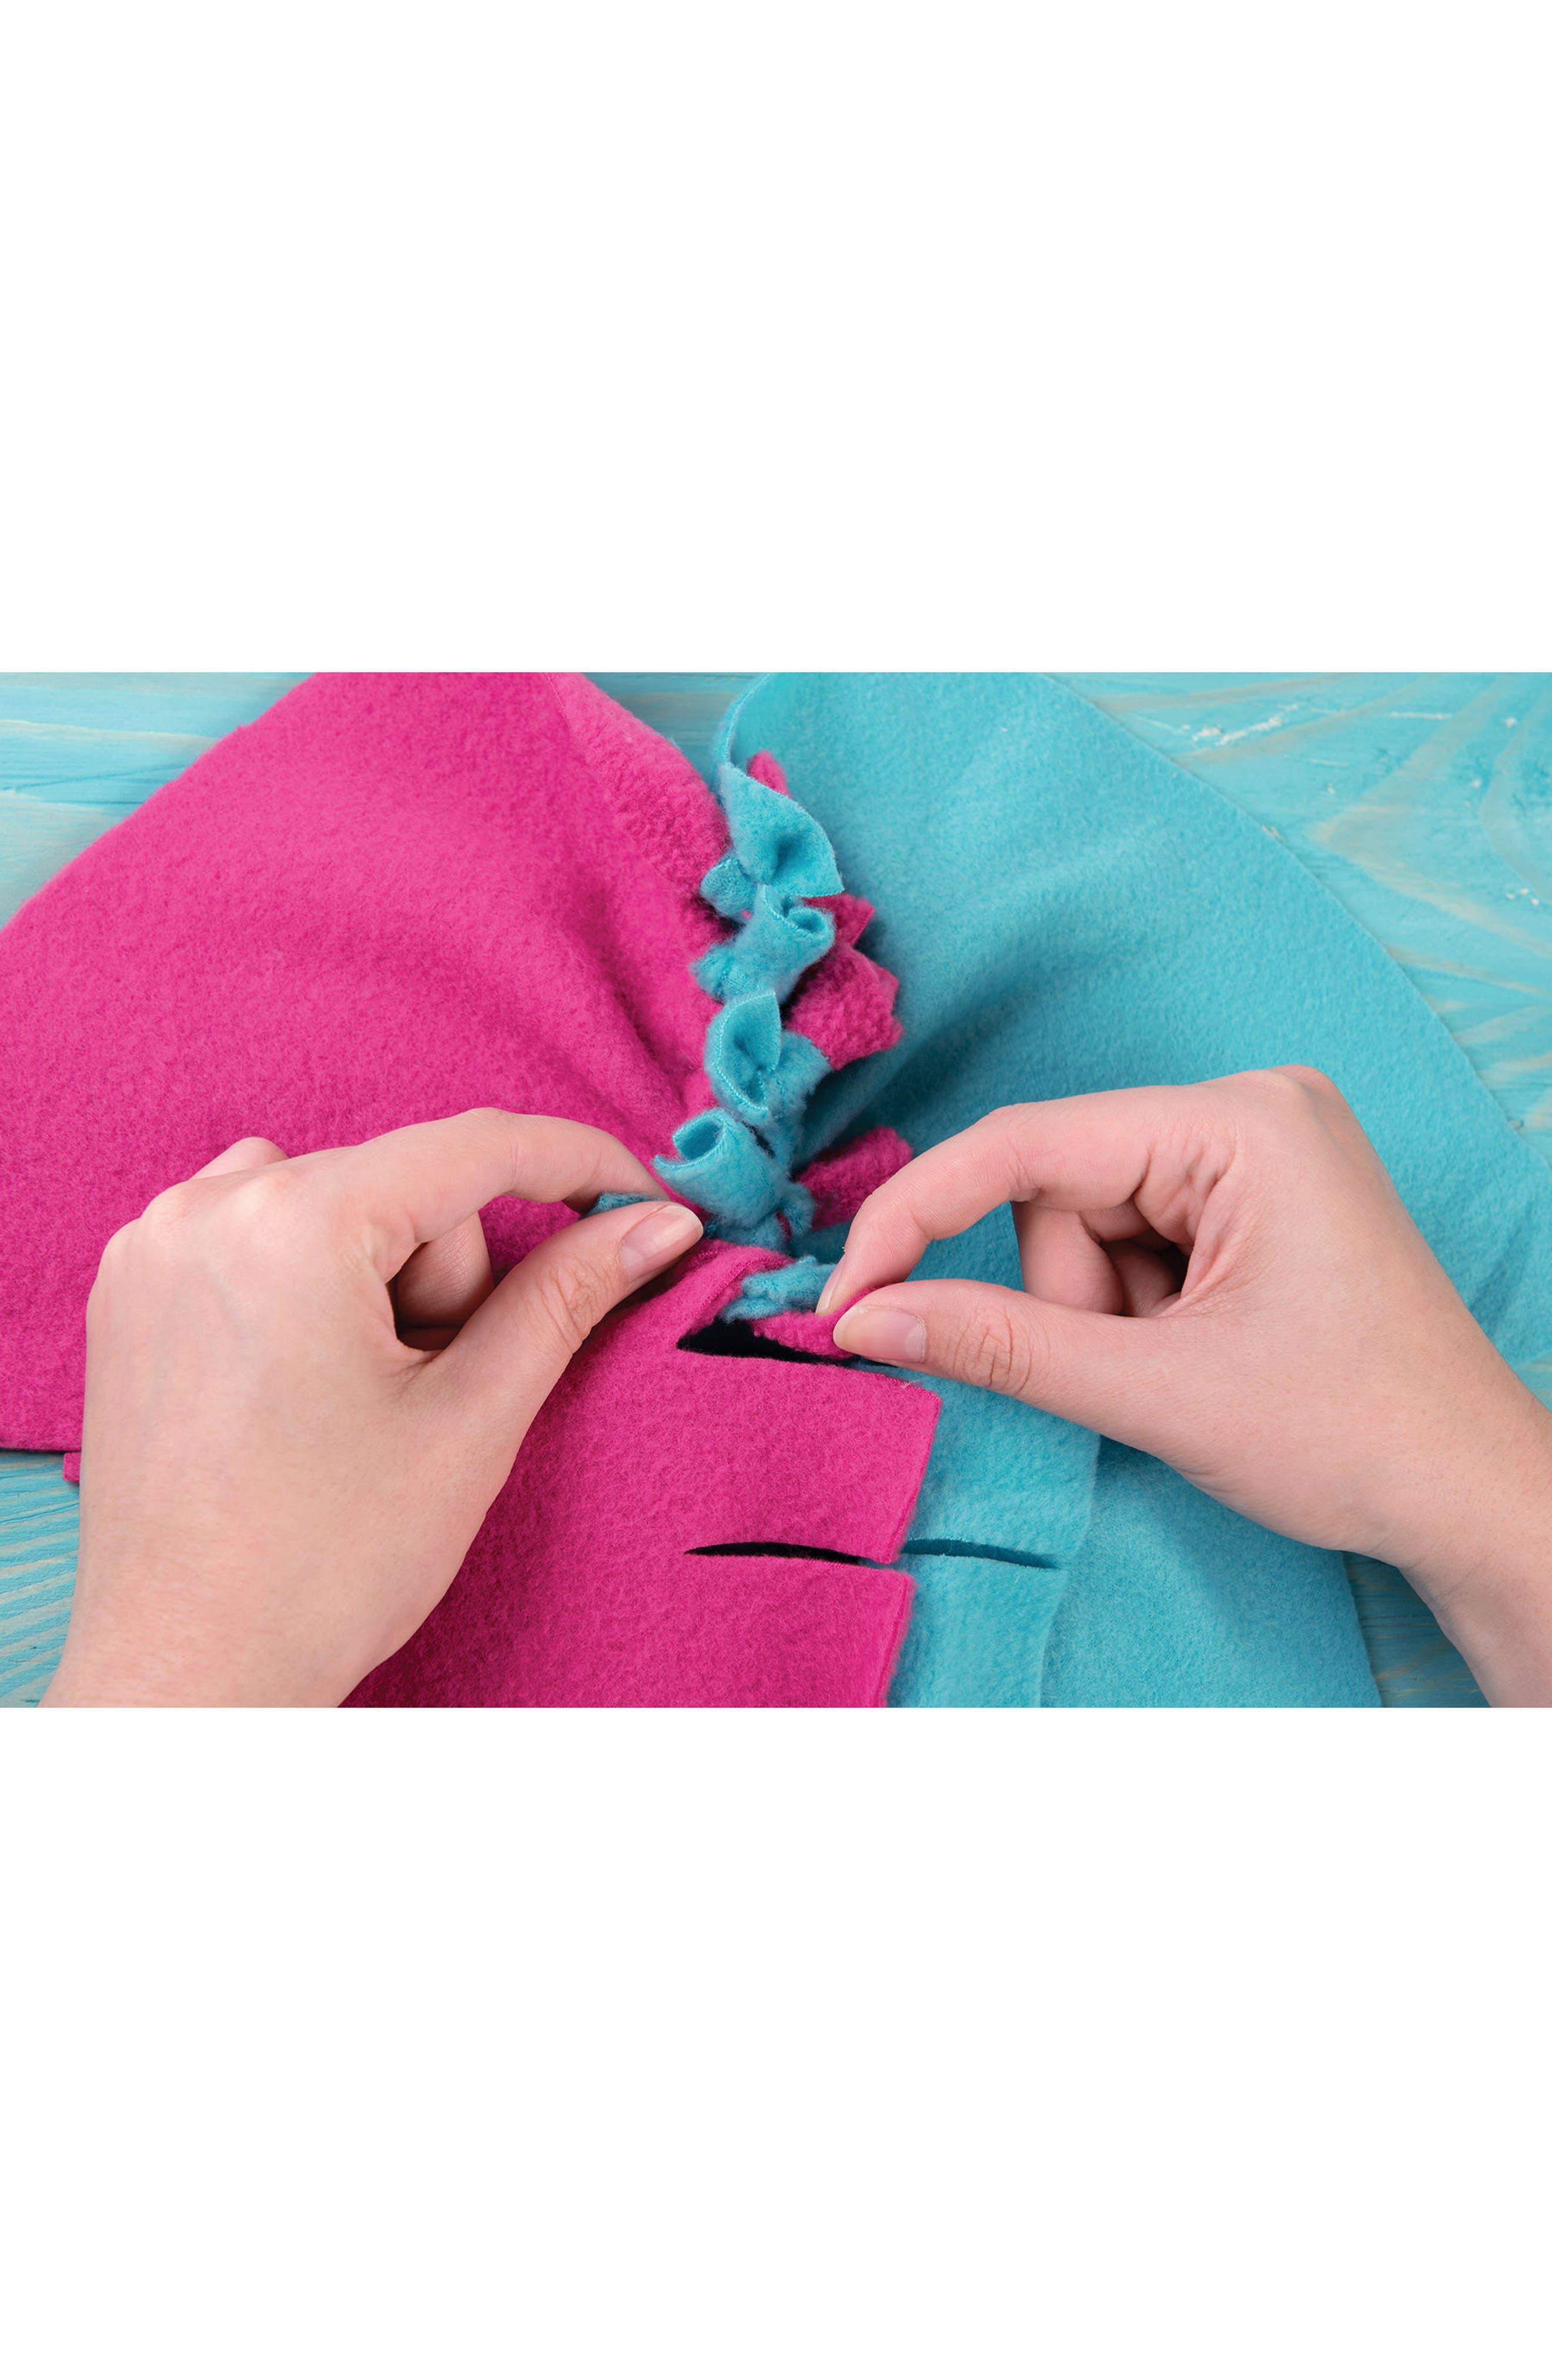 Knot & Bling Mermaid Tail Kit,                             Alternate thumbnail 2, color,                             650